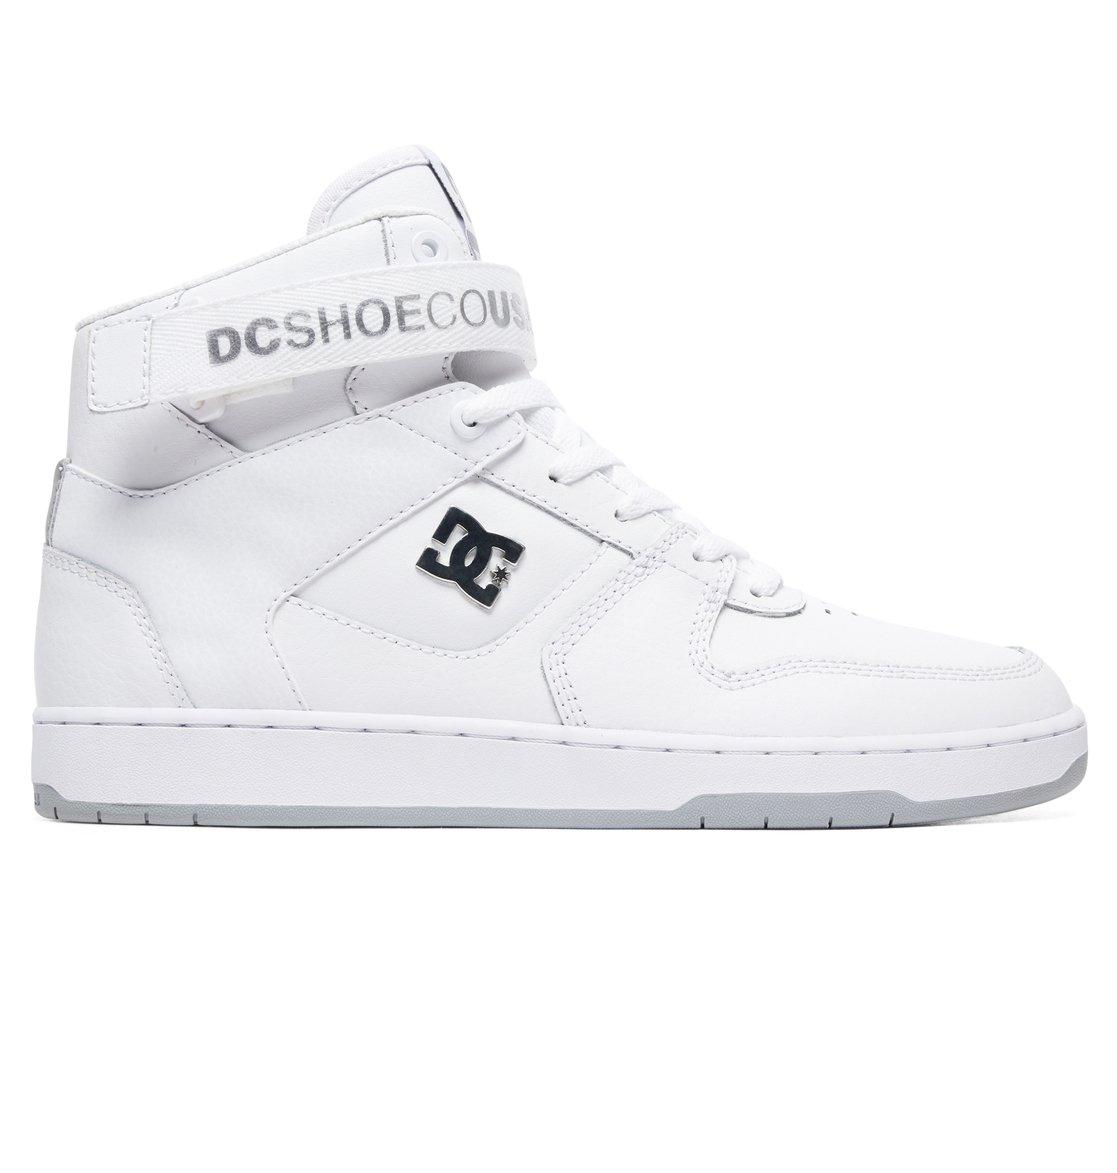 Pensford S - Chaussures de skate - Noir - DC Shoes Chaussures homme sneakers Jordan Formula 23 Low 919724 011 gfTnKJ